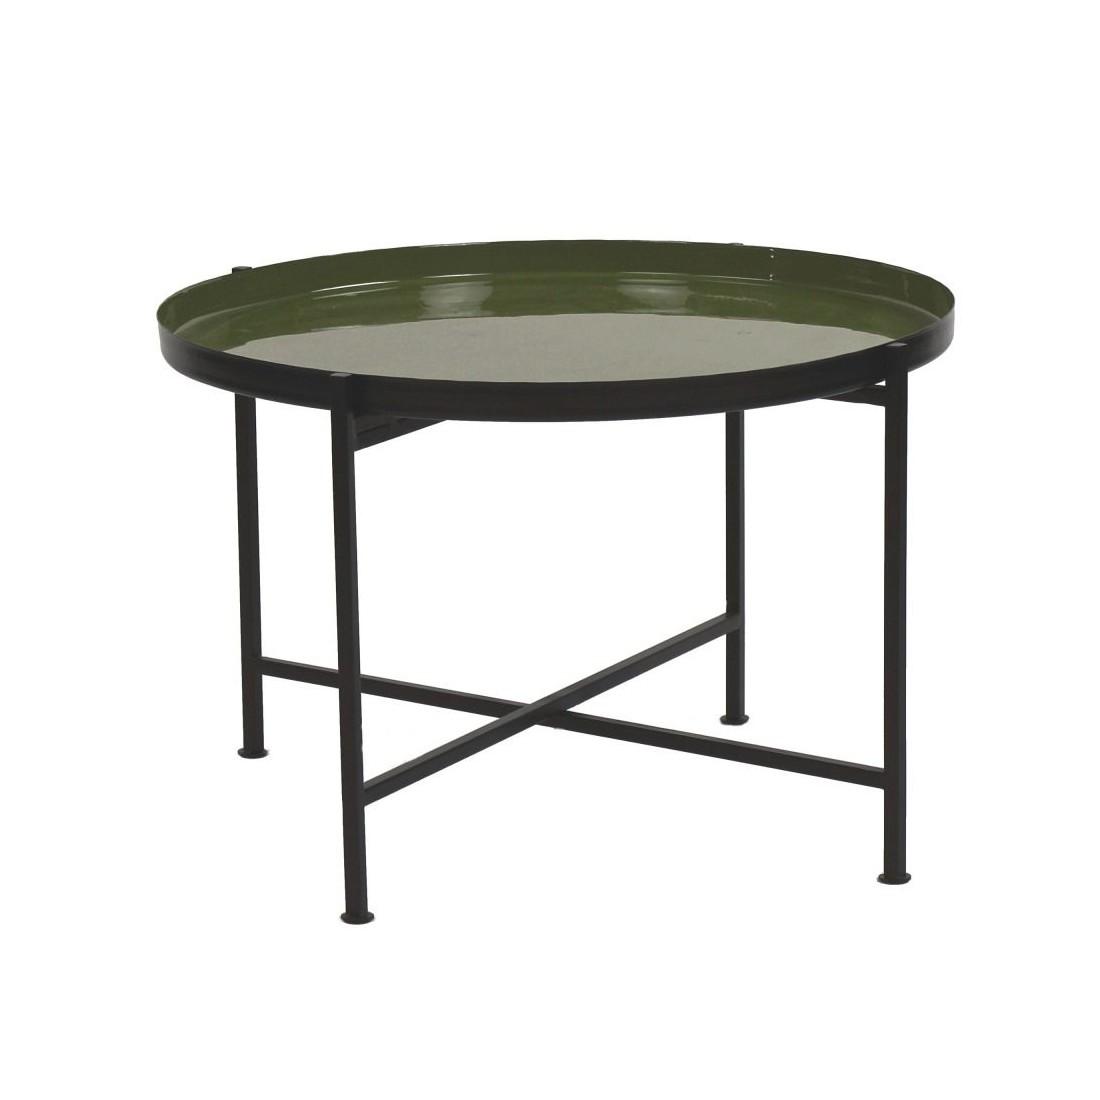 Table d'appoint Favorit' Pomax 63 X 63 X 40 cm